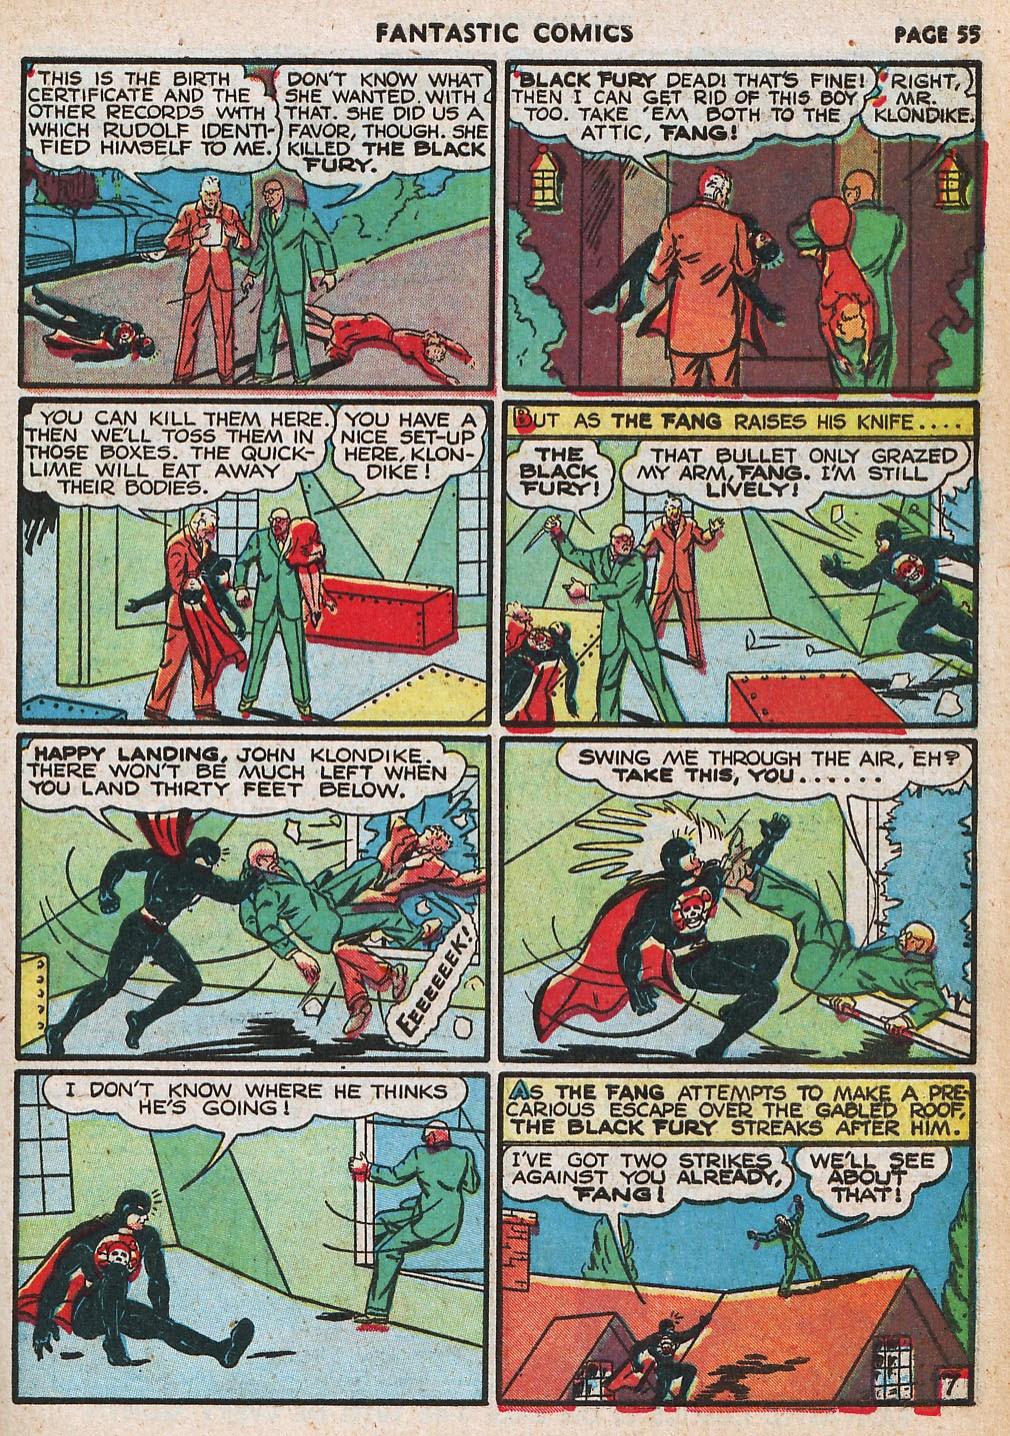 Read online Fantastic Comics comic -  Issue #20 - 55